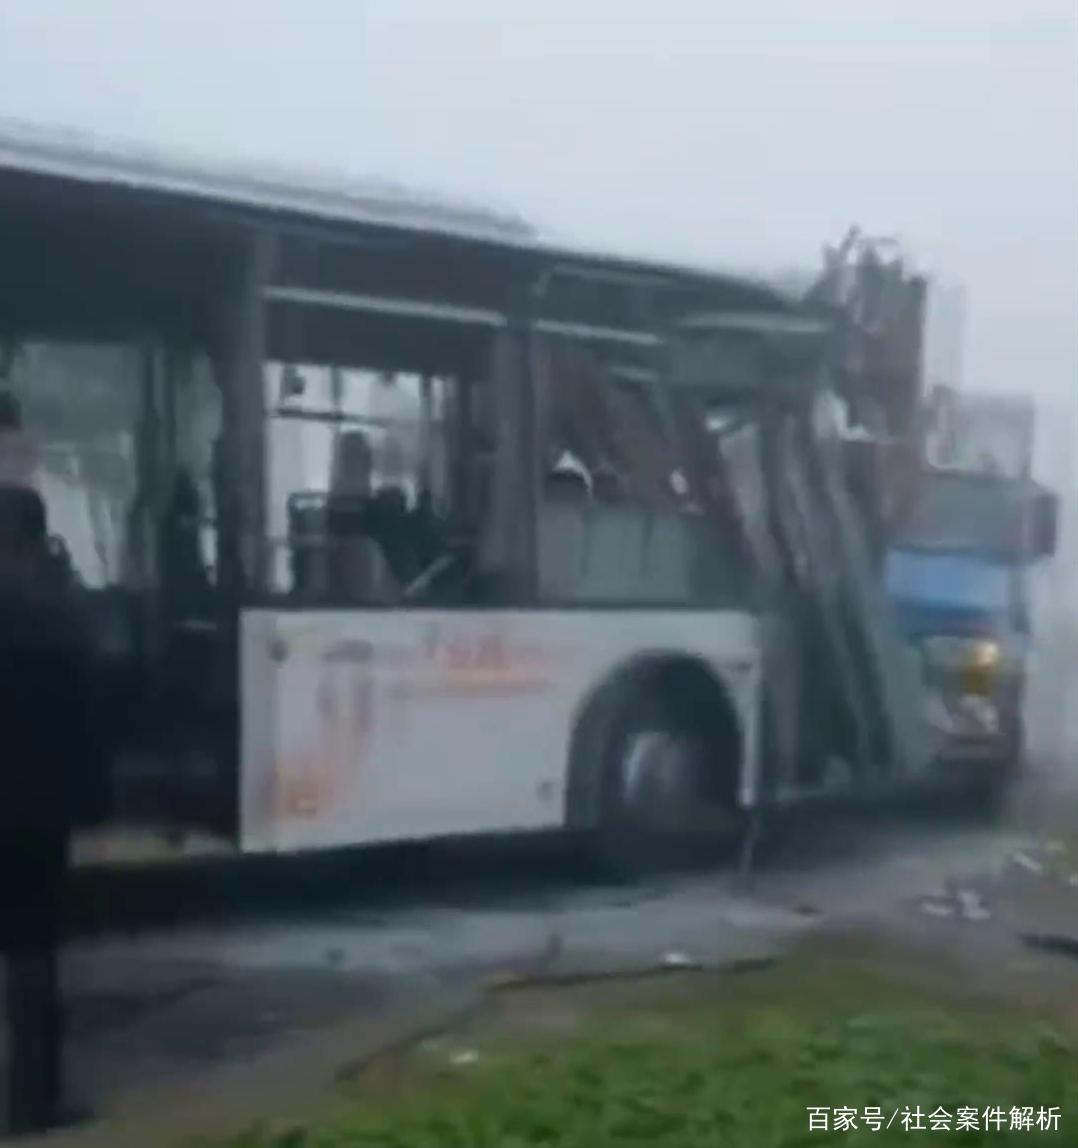 江苏省盐城市又发生严重车祸!事故造成公交车和吊车不同程度受损